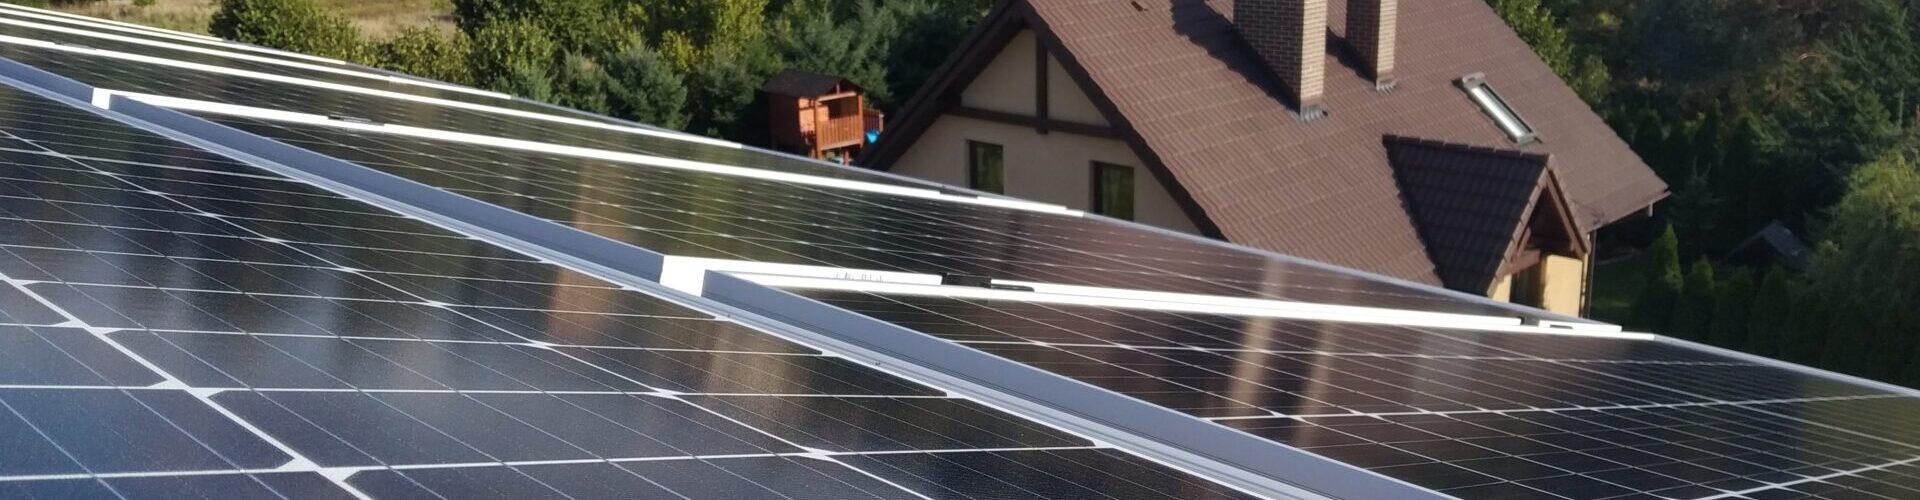 panele solarne na dachu w Imielinie